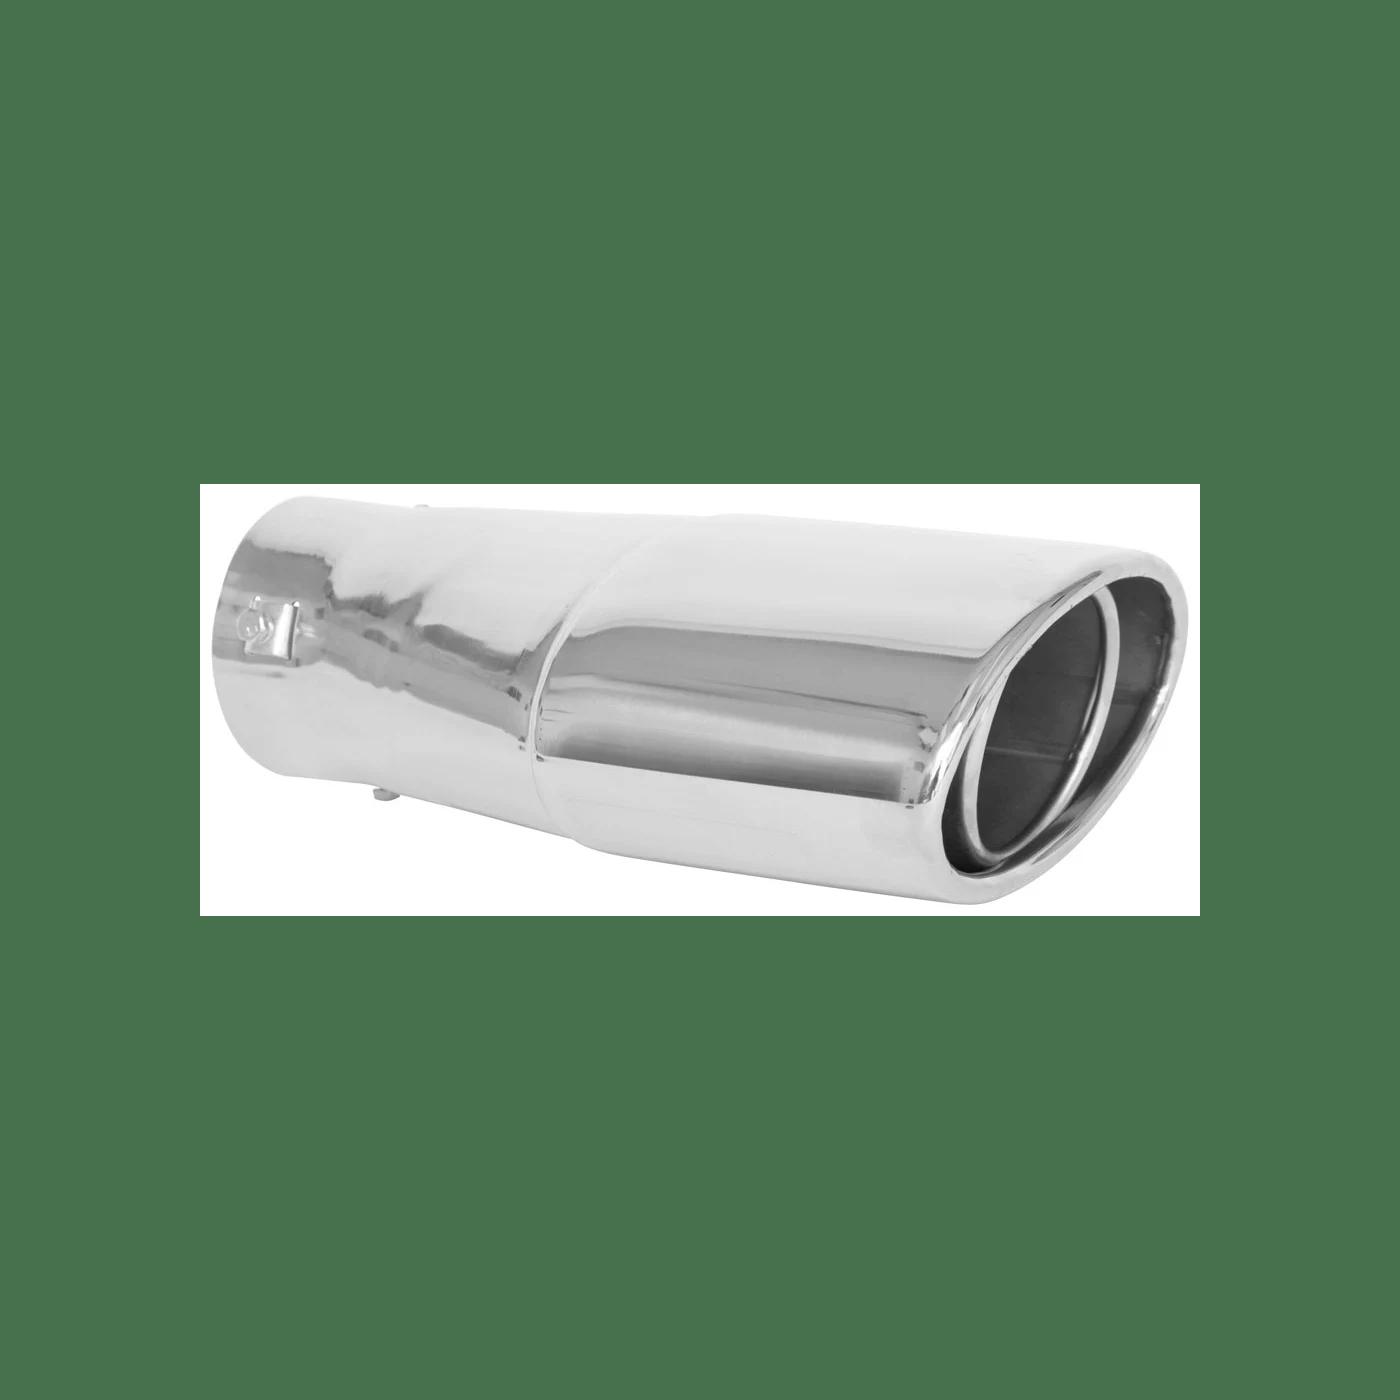 25105 spectre exhaust tip